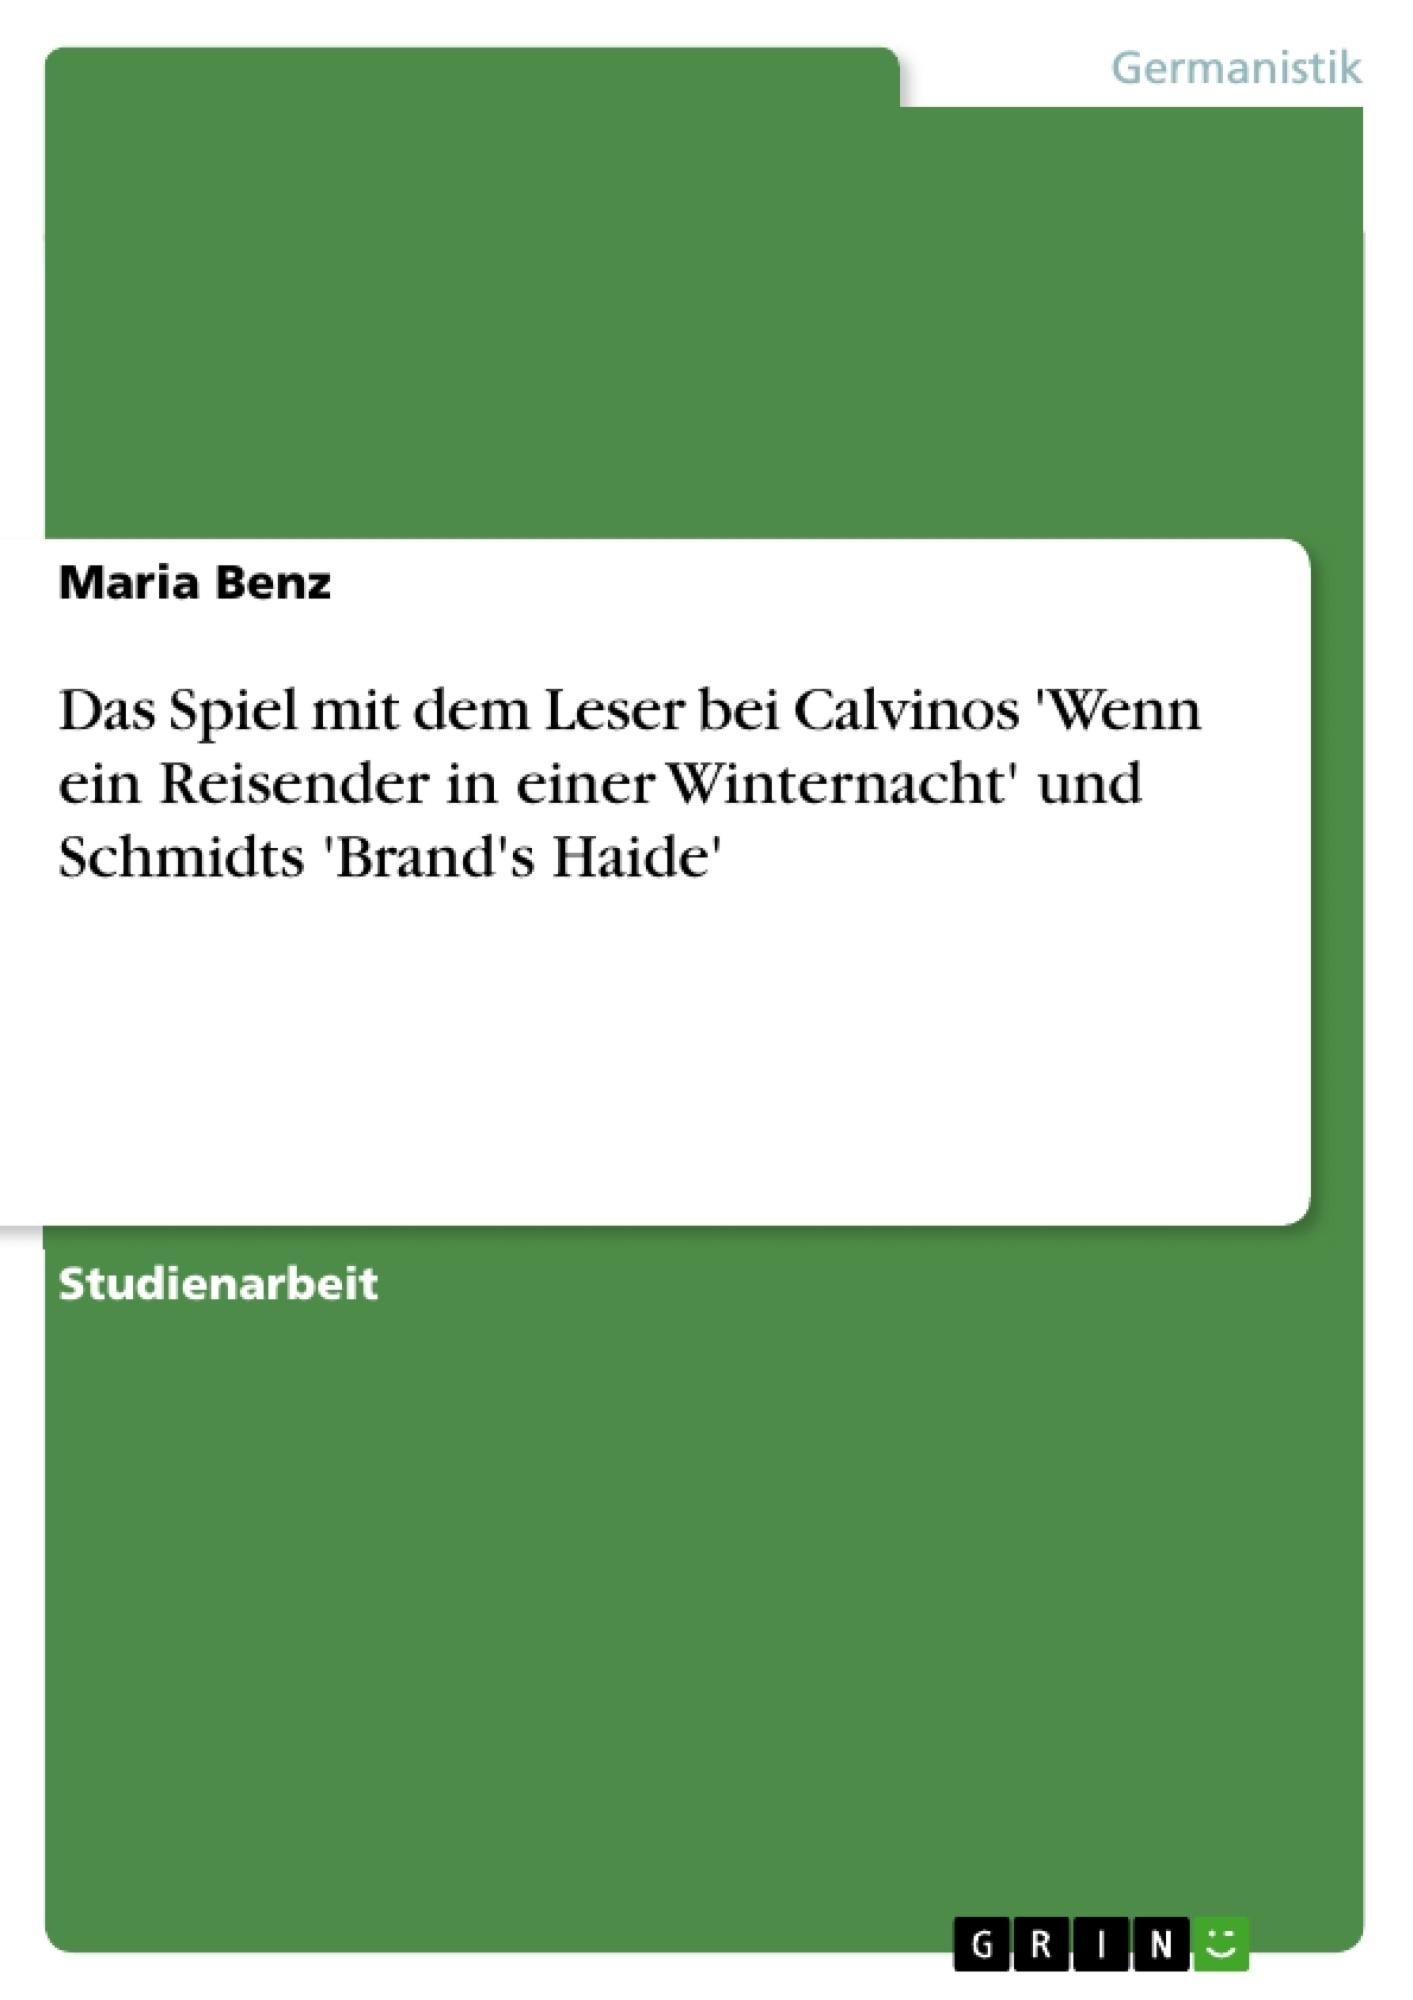 Titel: Das Spiel mit dem Leser bei Calvinos 'Wenn ein Reisender in einer Winternacht' und Schmidts 'Brand's Haide'